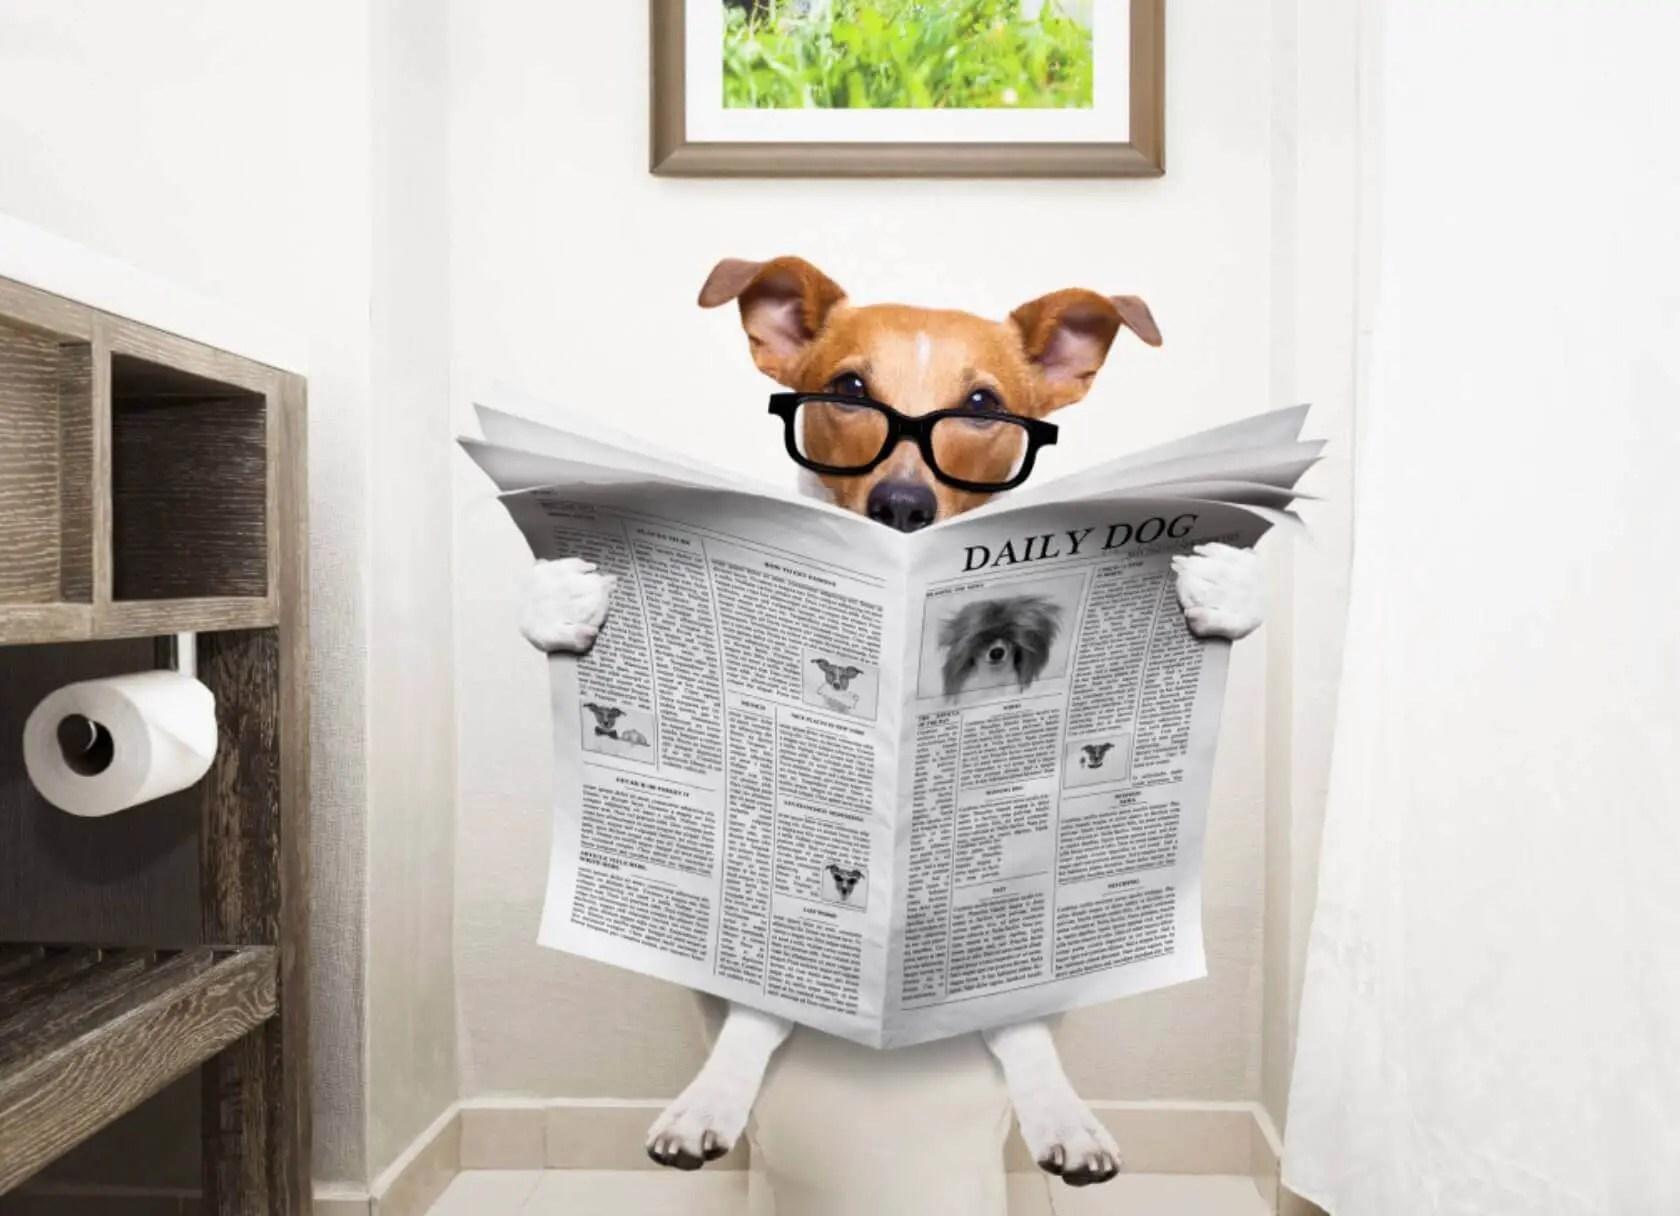 la Guida sulla diarrea nel cane, cause, sintomi, cura, rimedi naturali, cosa fare, cosa non fare - cane sul water a fare i suoi bisogni